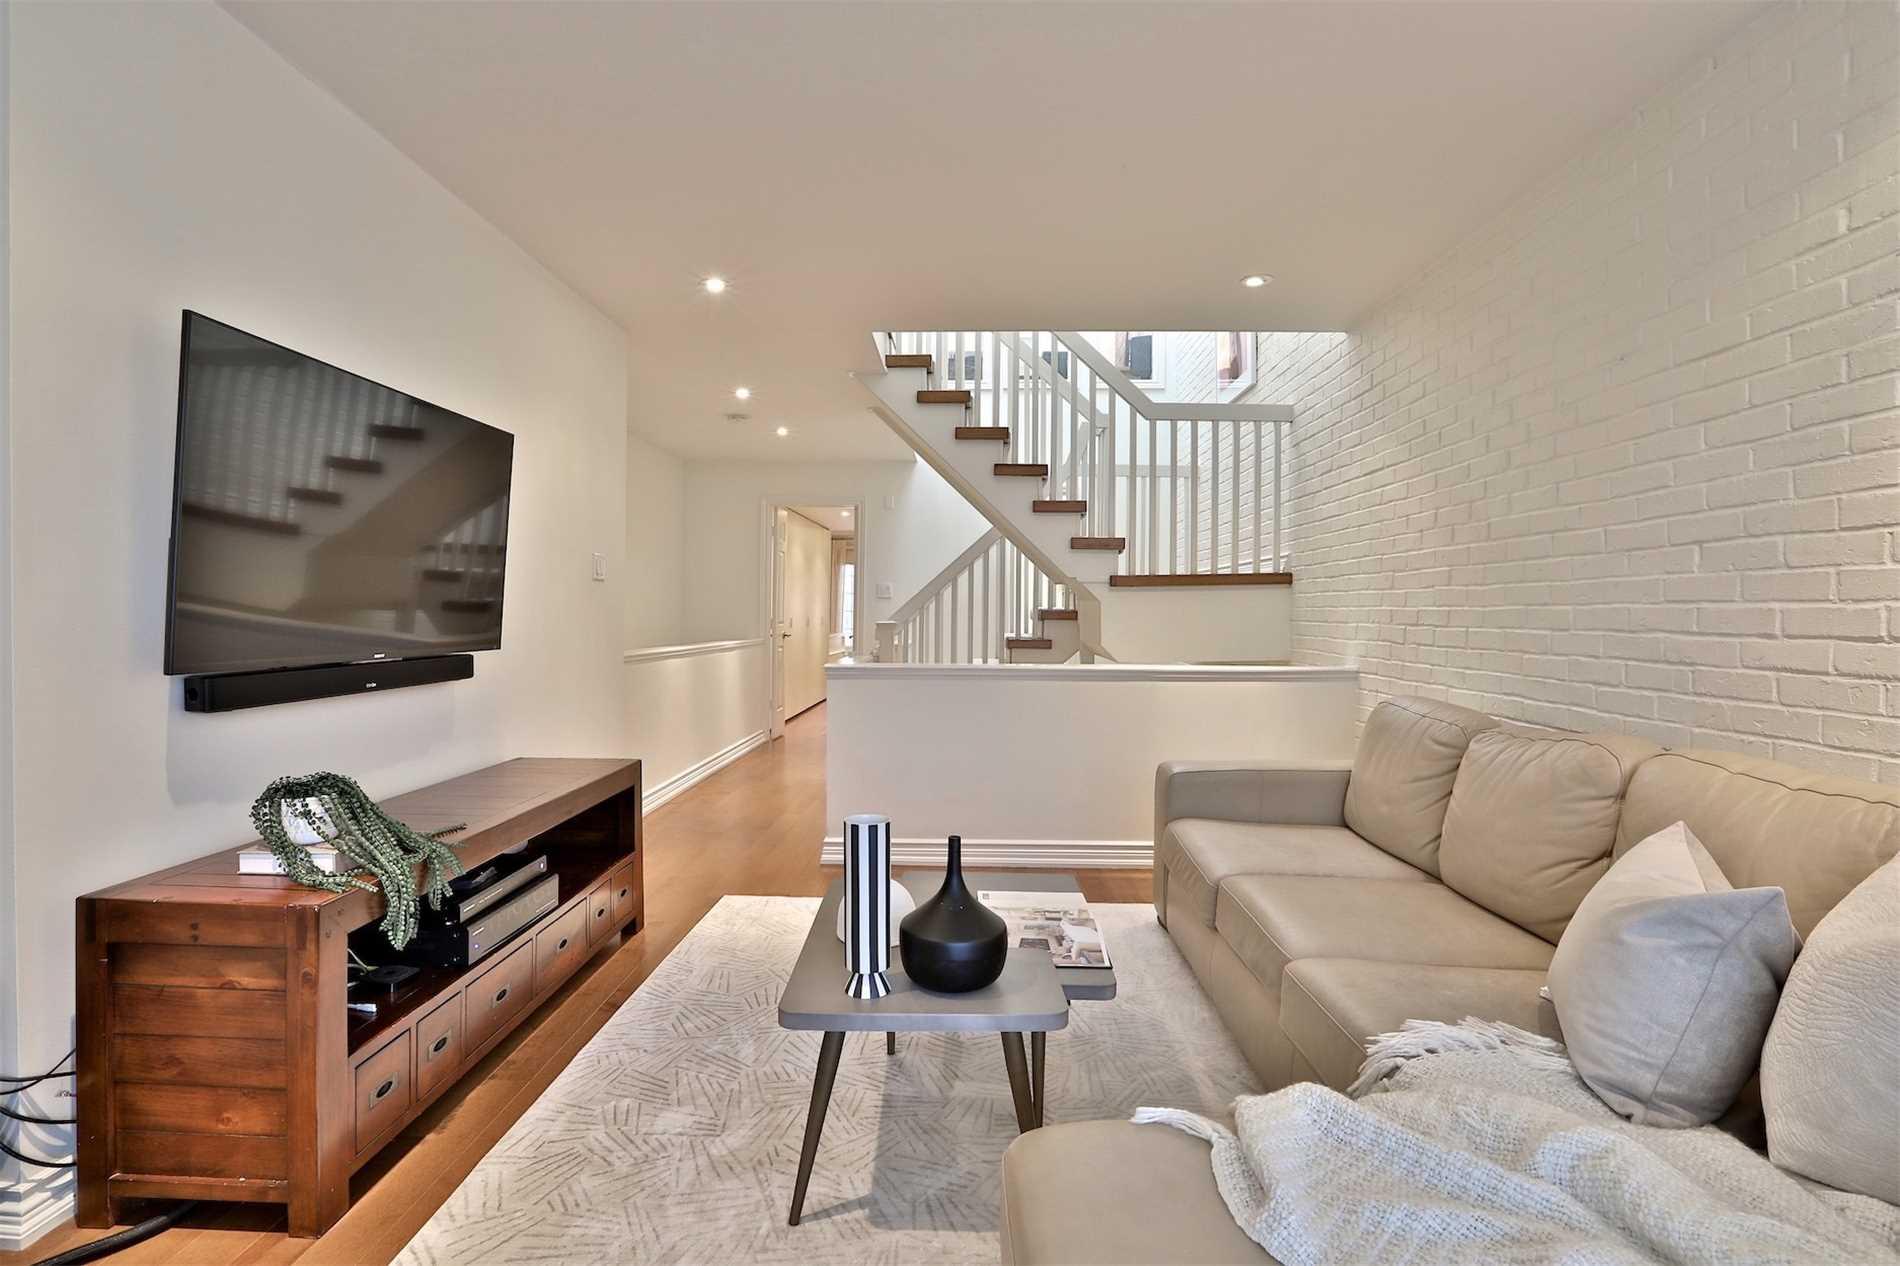 66A Birch Ave Property - Steve Jelenic Toronto